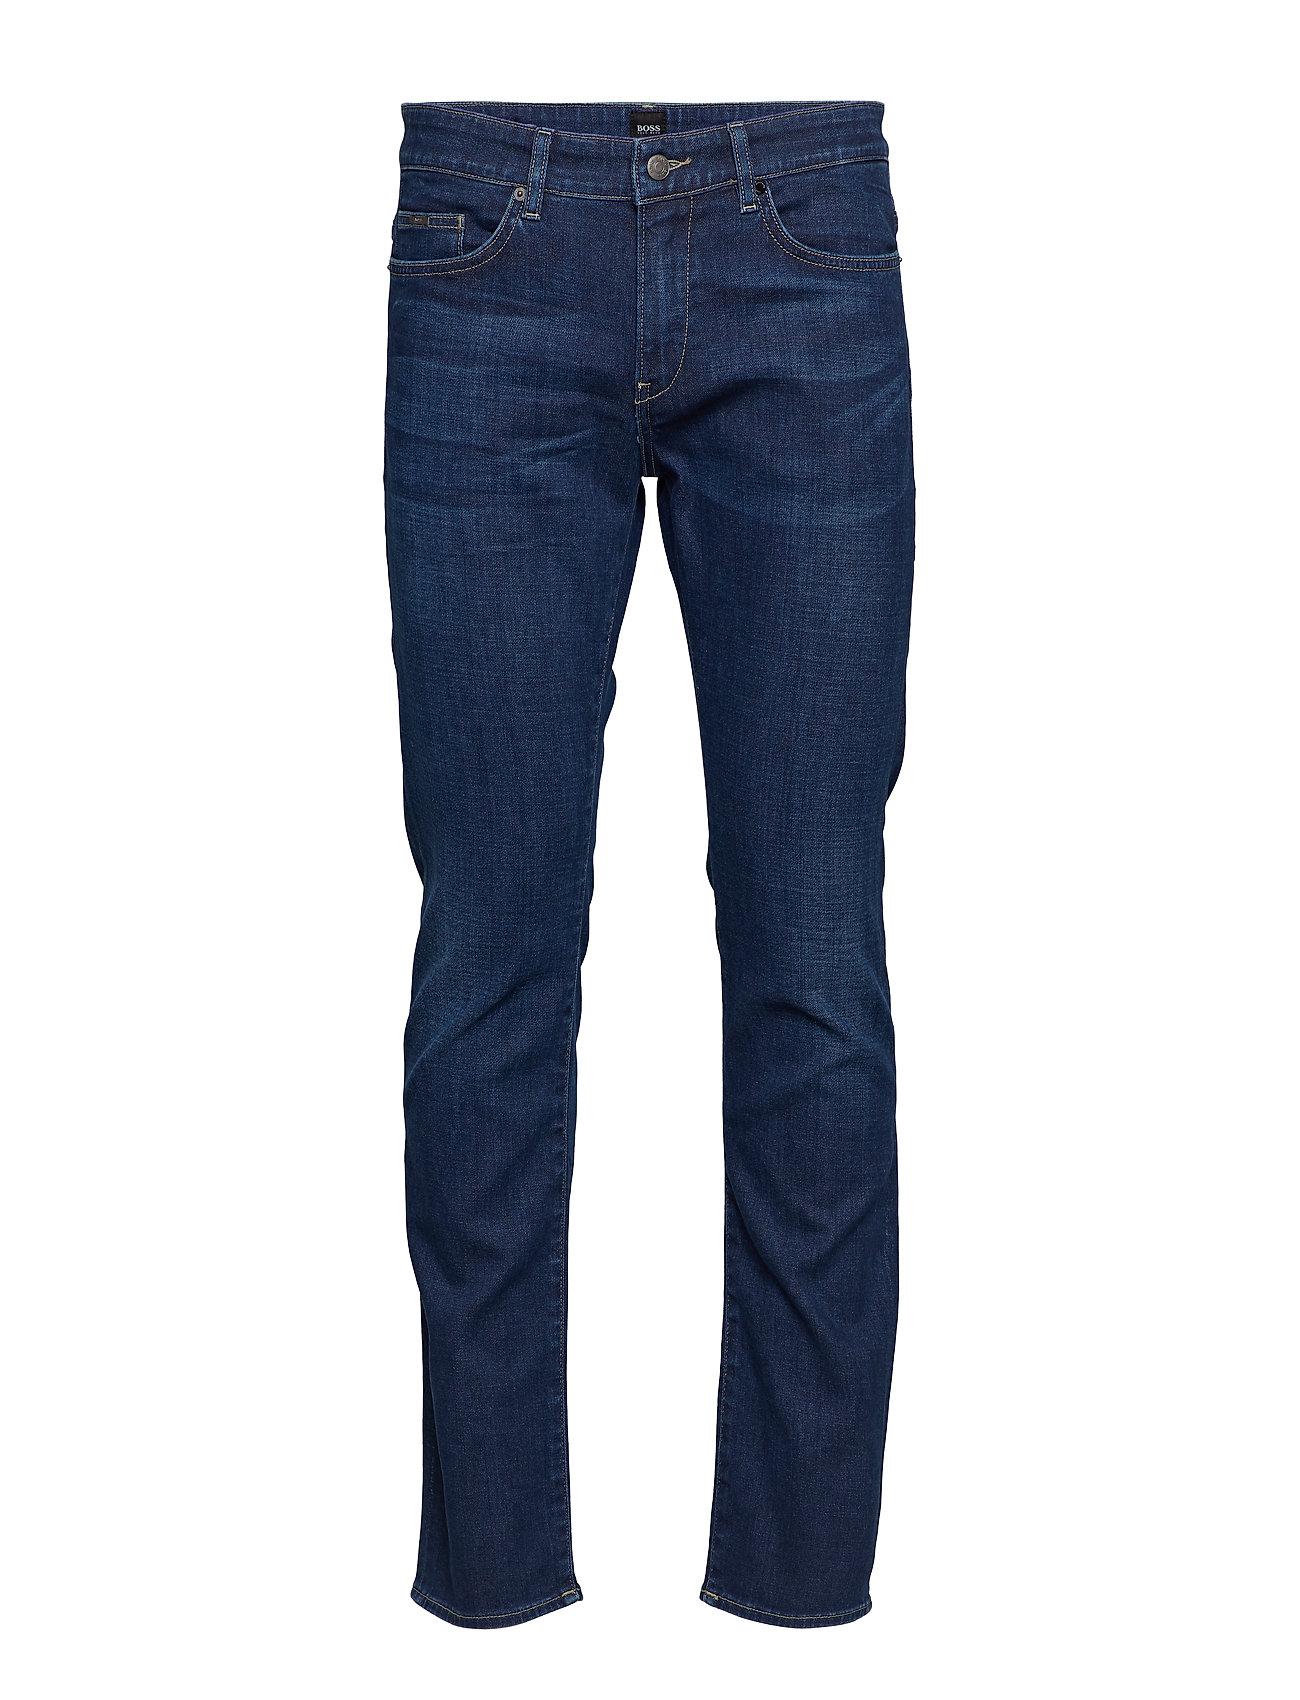 BOSS Business Wear Delaware3 1 Jeans